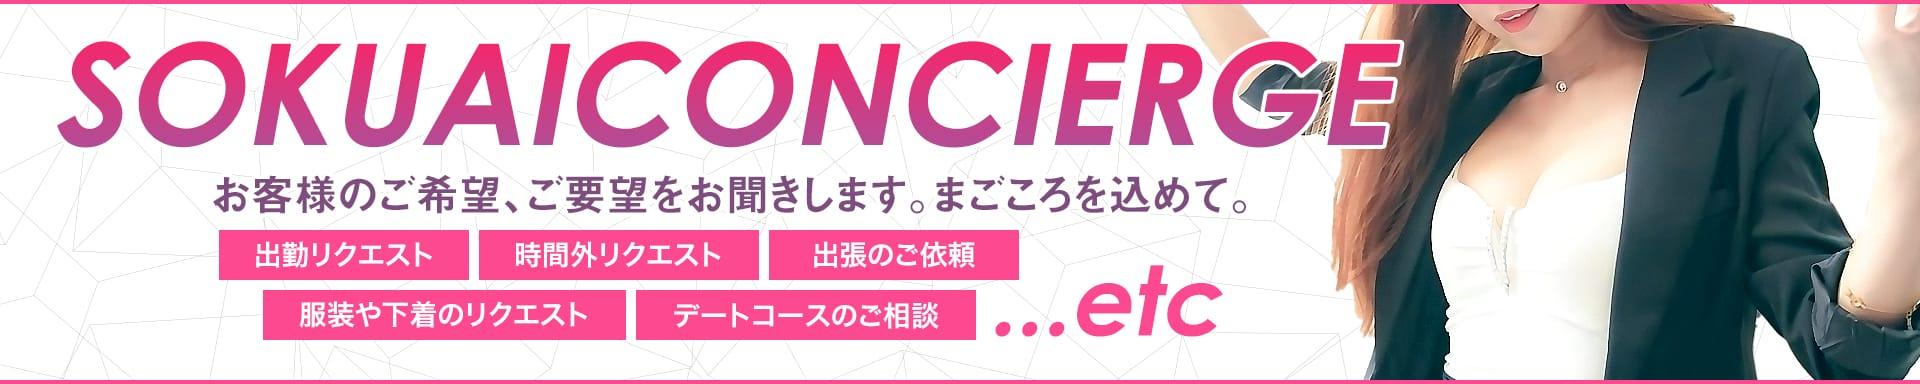 即会い.net 札幌 その3